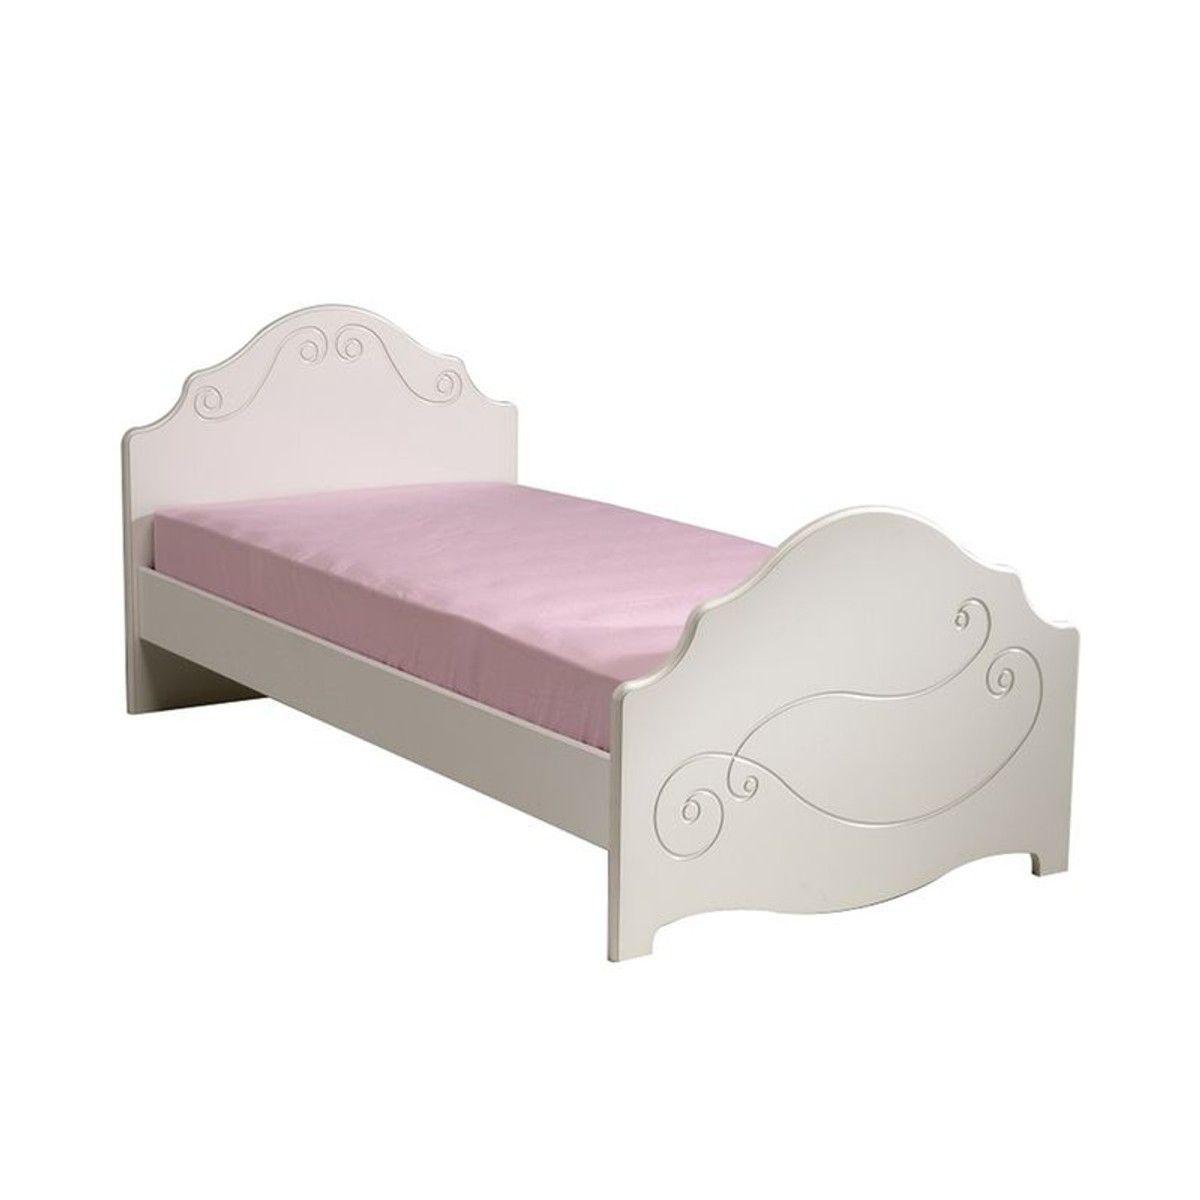 Chambre Complete En Bois Cb1005 Taille 90x190 Cm Lit Enfant Chambre Enfant Idees De Lit